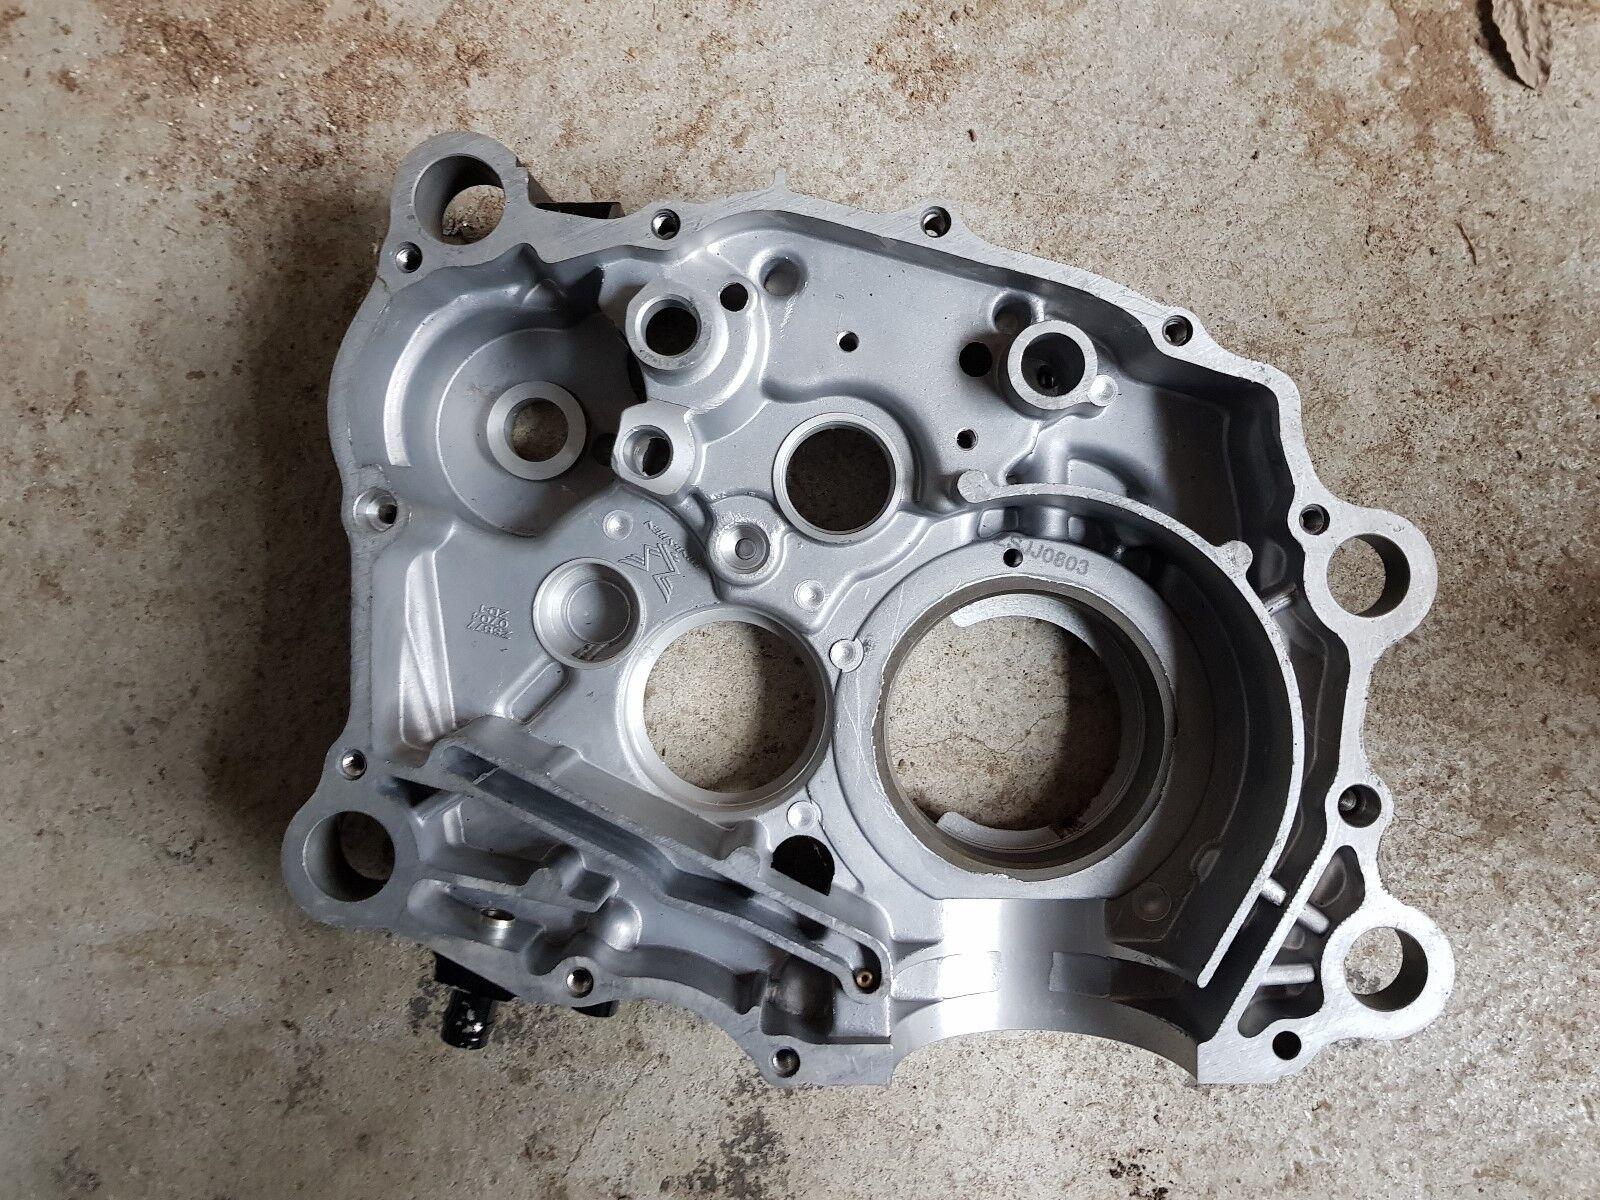 HMParts Motordichtungssatz Zongshen 250 ccm 4-Ventil wk Dirt